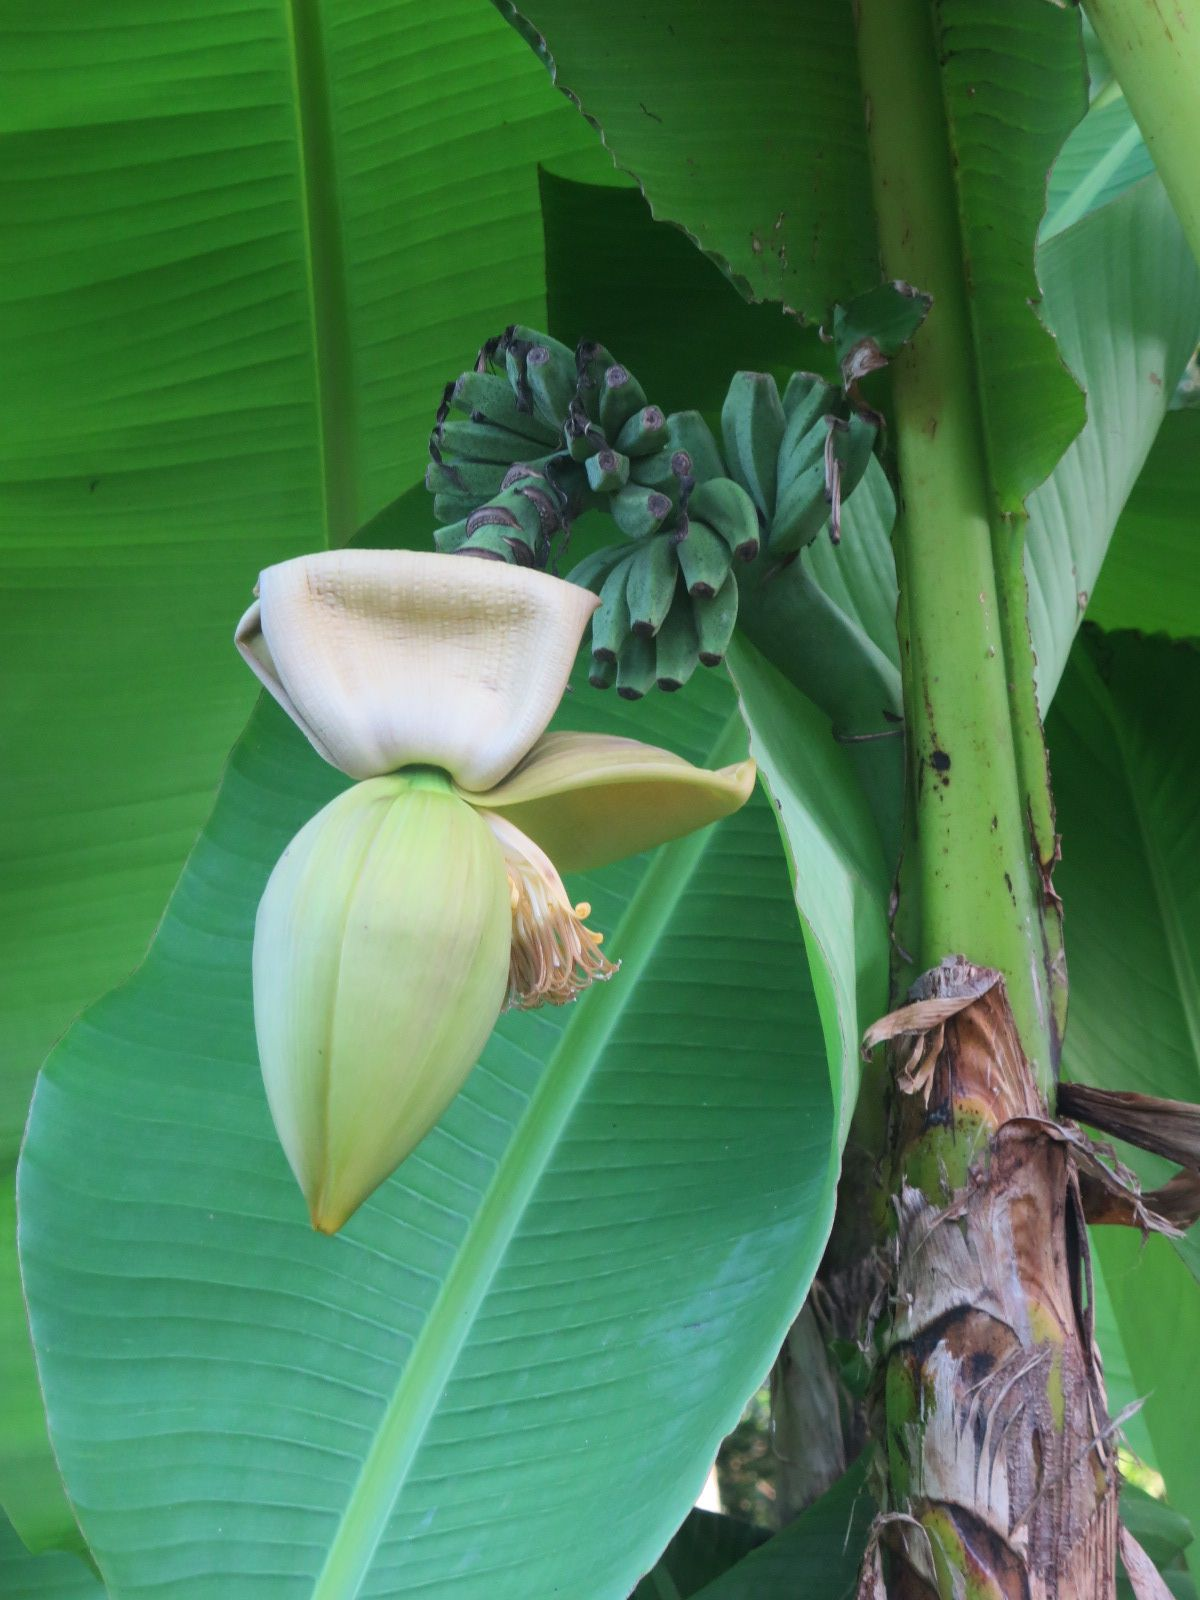 Pas de fruits cette année! sauf les noix en abondance(souvent véreuses) et les bananiers (de Nath) qui ont grandi et qui cette année font des régimes (qui n'iront certainement pas à terme)